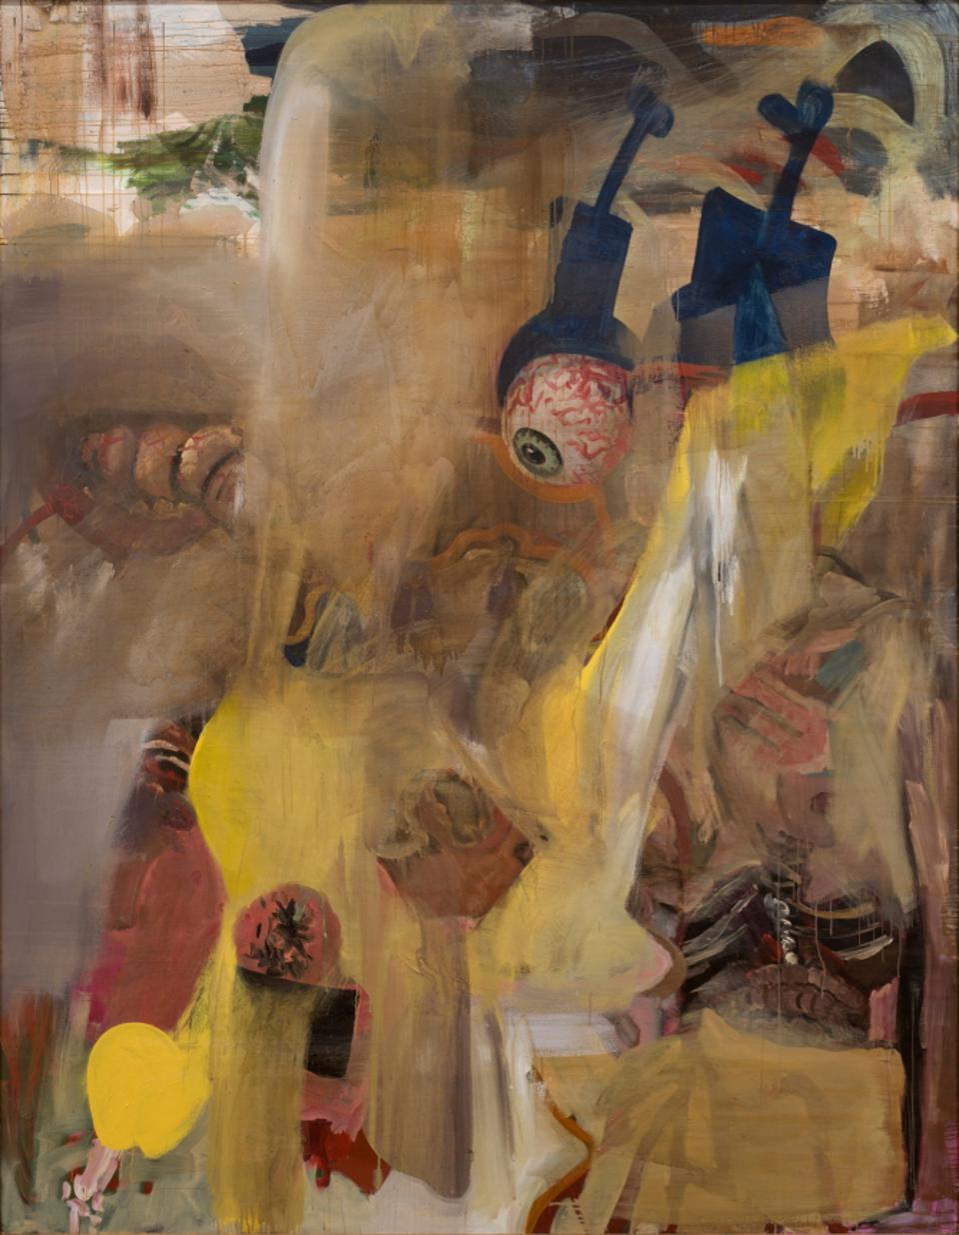 Albert Oehlen. 'Fn 33,' 1990, oil on canvas.